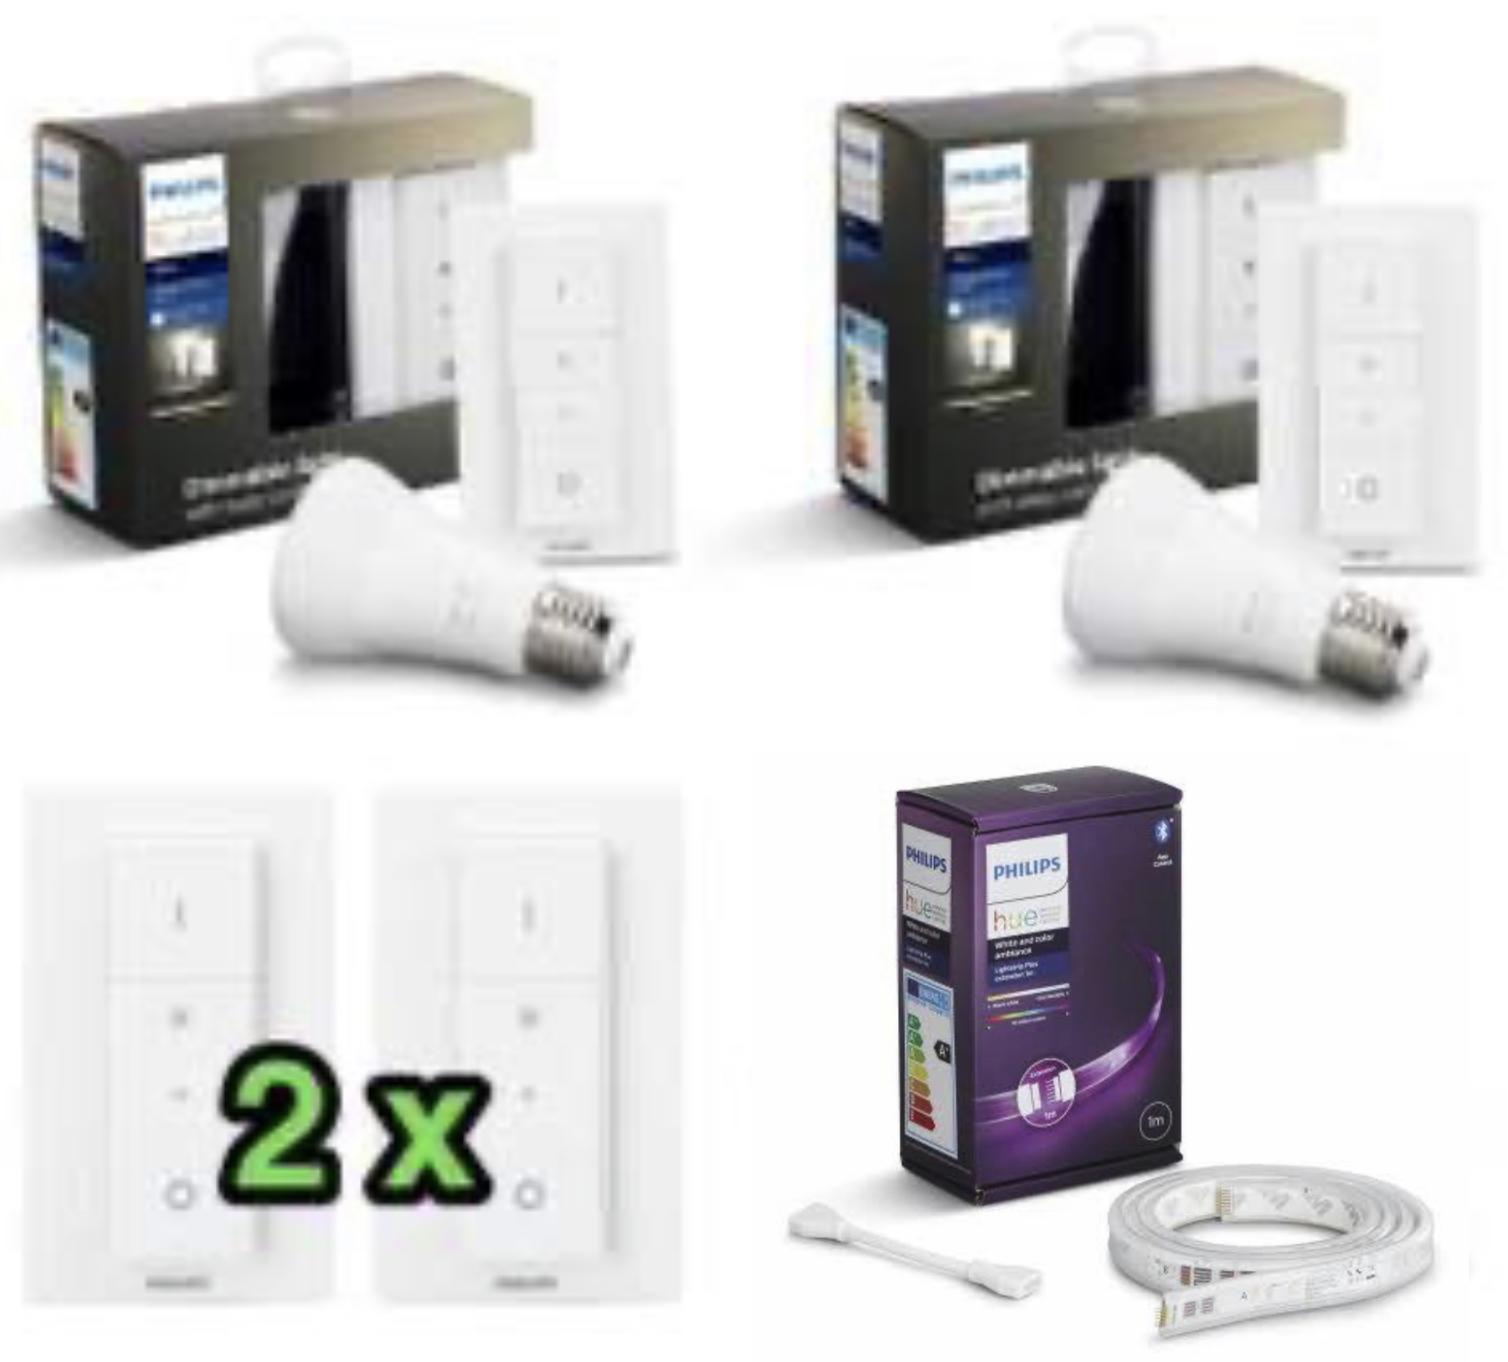 2 Stück Hue Dimmschalter für 24,90€ (je Stück 12,45€) / 2 x Philips Hue Dimming Kit für 31,43€ / 2 x 1m Lightstrip Erweiterung für 31,43€